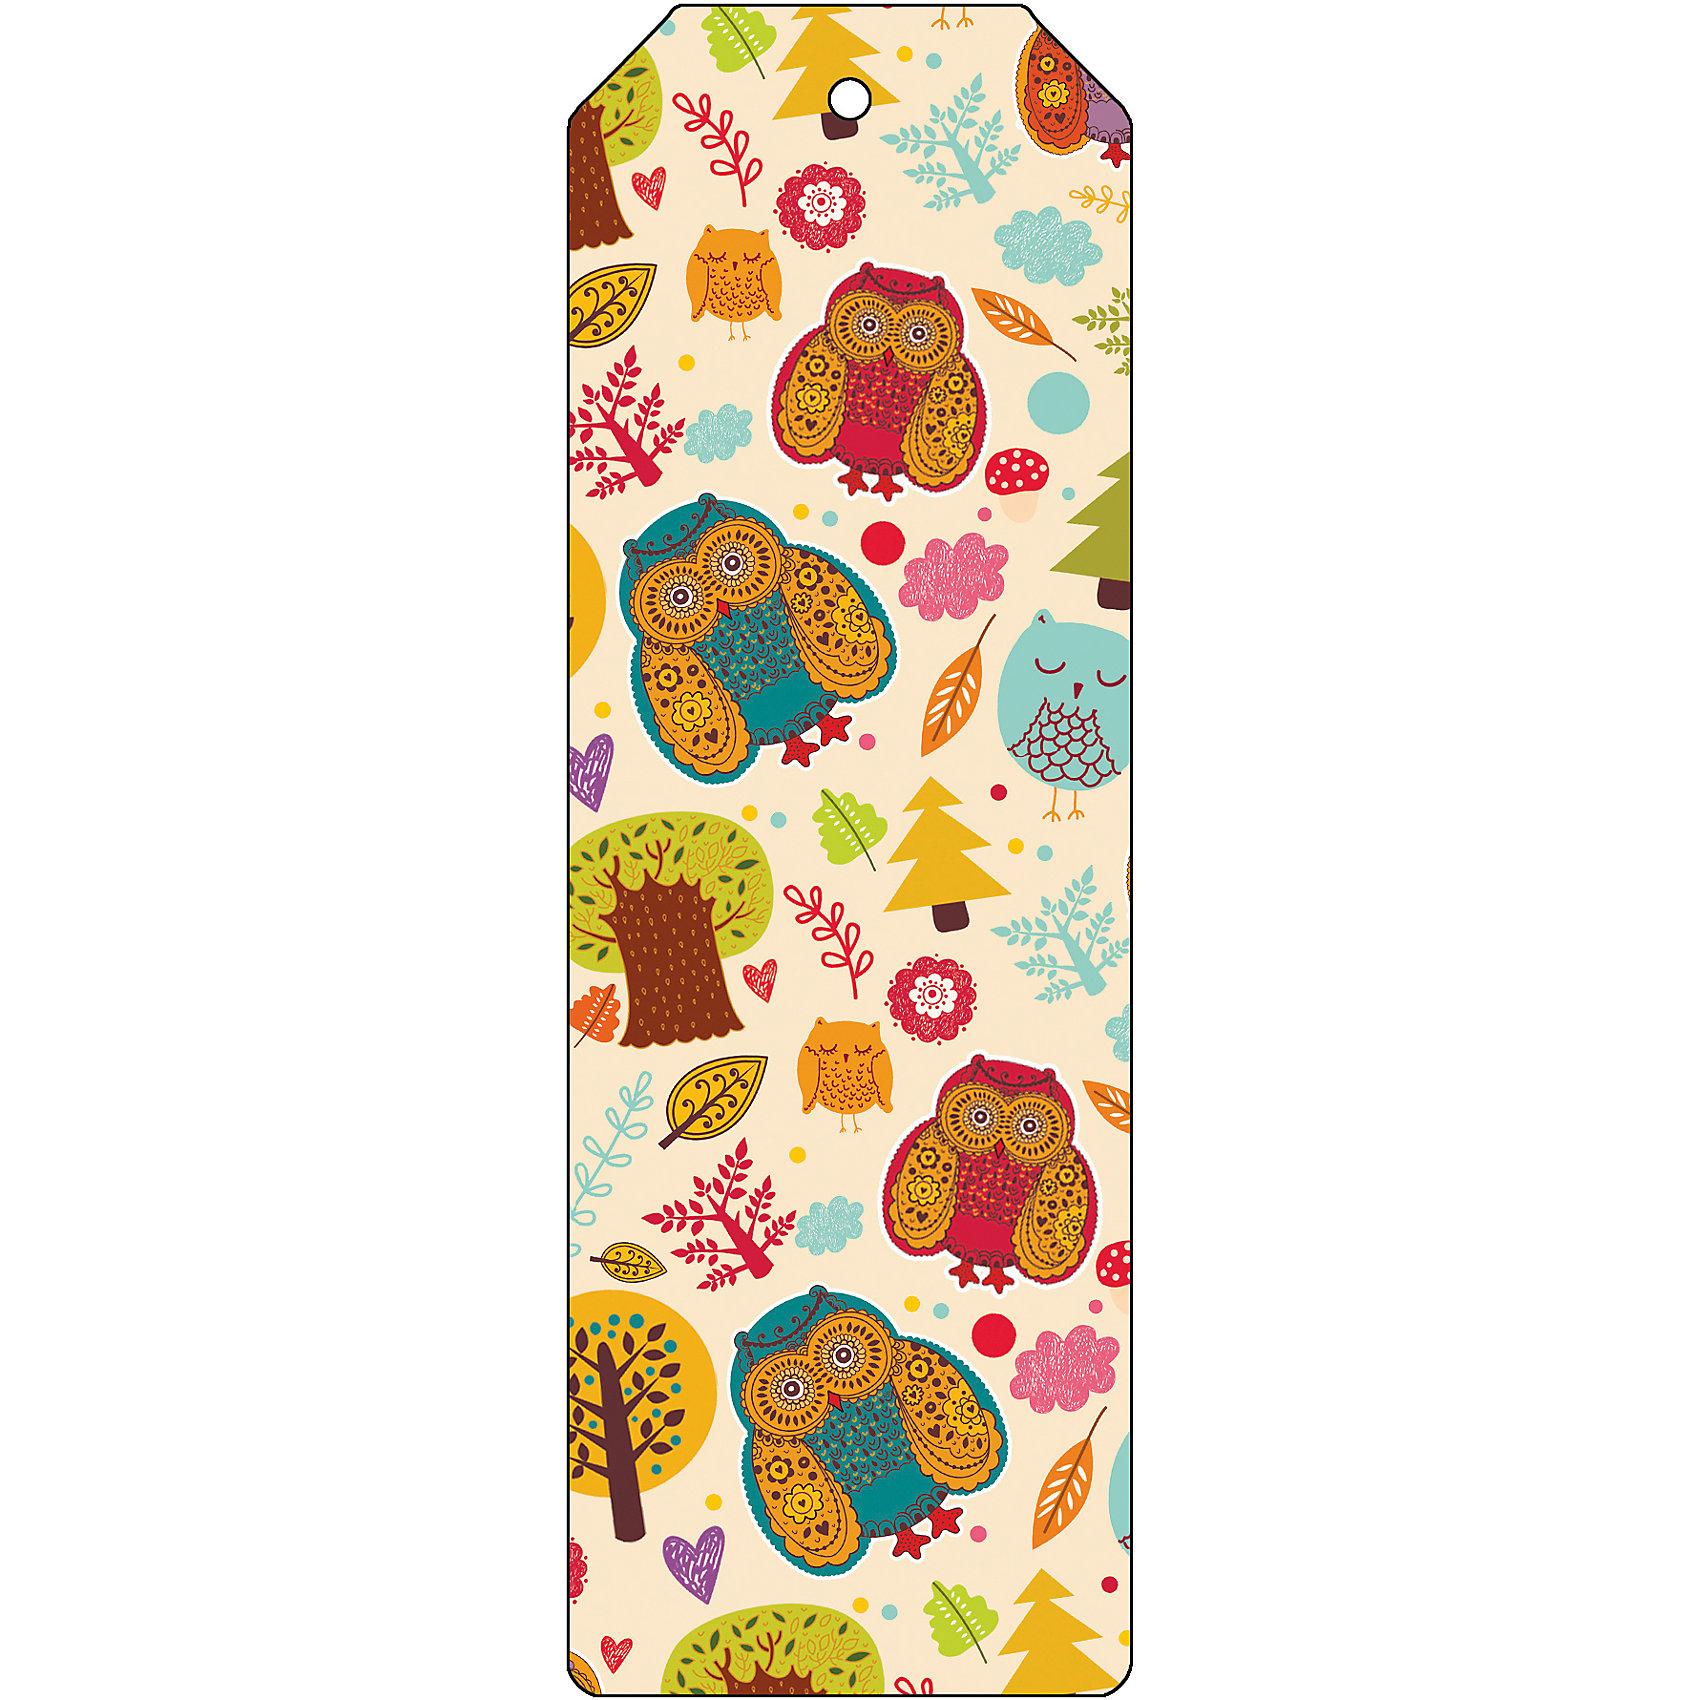 Закладка для книг декоративная СоваФотоальбомы, закладки и ростомеры<br>Характеристики декоративной закладки для книг Сова:<br><br>• тип: закладка<br>• материал: металл<br>• длина:15 см<br>• размеры: 19 x 6 x 0.5 см <br>• упаковка: пакет<br>• вес в упаковке, 45 г<br>• страна-изготовитель: Китай<br><br>Декоративная закладка для книг Сова будет отличным подарком для тех, кто не мыслит свою жизнь без книг. Закладка представляет собой пластину из черного окрашенного металла с яркими мультяшными совами. Закладка украсит не только книгу, но сделает нарядным и оригинальным стандартный органайзер или семейный альбом.<br><br>Декоративную закладку для книг Сова можно купить в нашем интернет-магазине.<br><br>Ширина мм: 150<br>Глубина мм: 50<br>Высота мм: 10<br>Вес г: 31<br>Возраст от месяцев: 48<br>Возраст до месяцев: 144<br>Пол: Унисекс<br>Возраст: Детский<br>SKU: 5479445